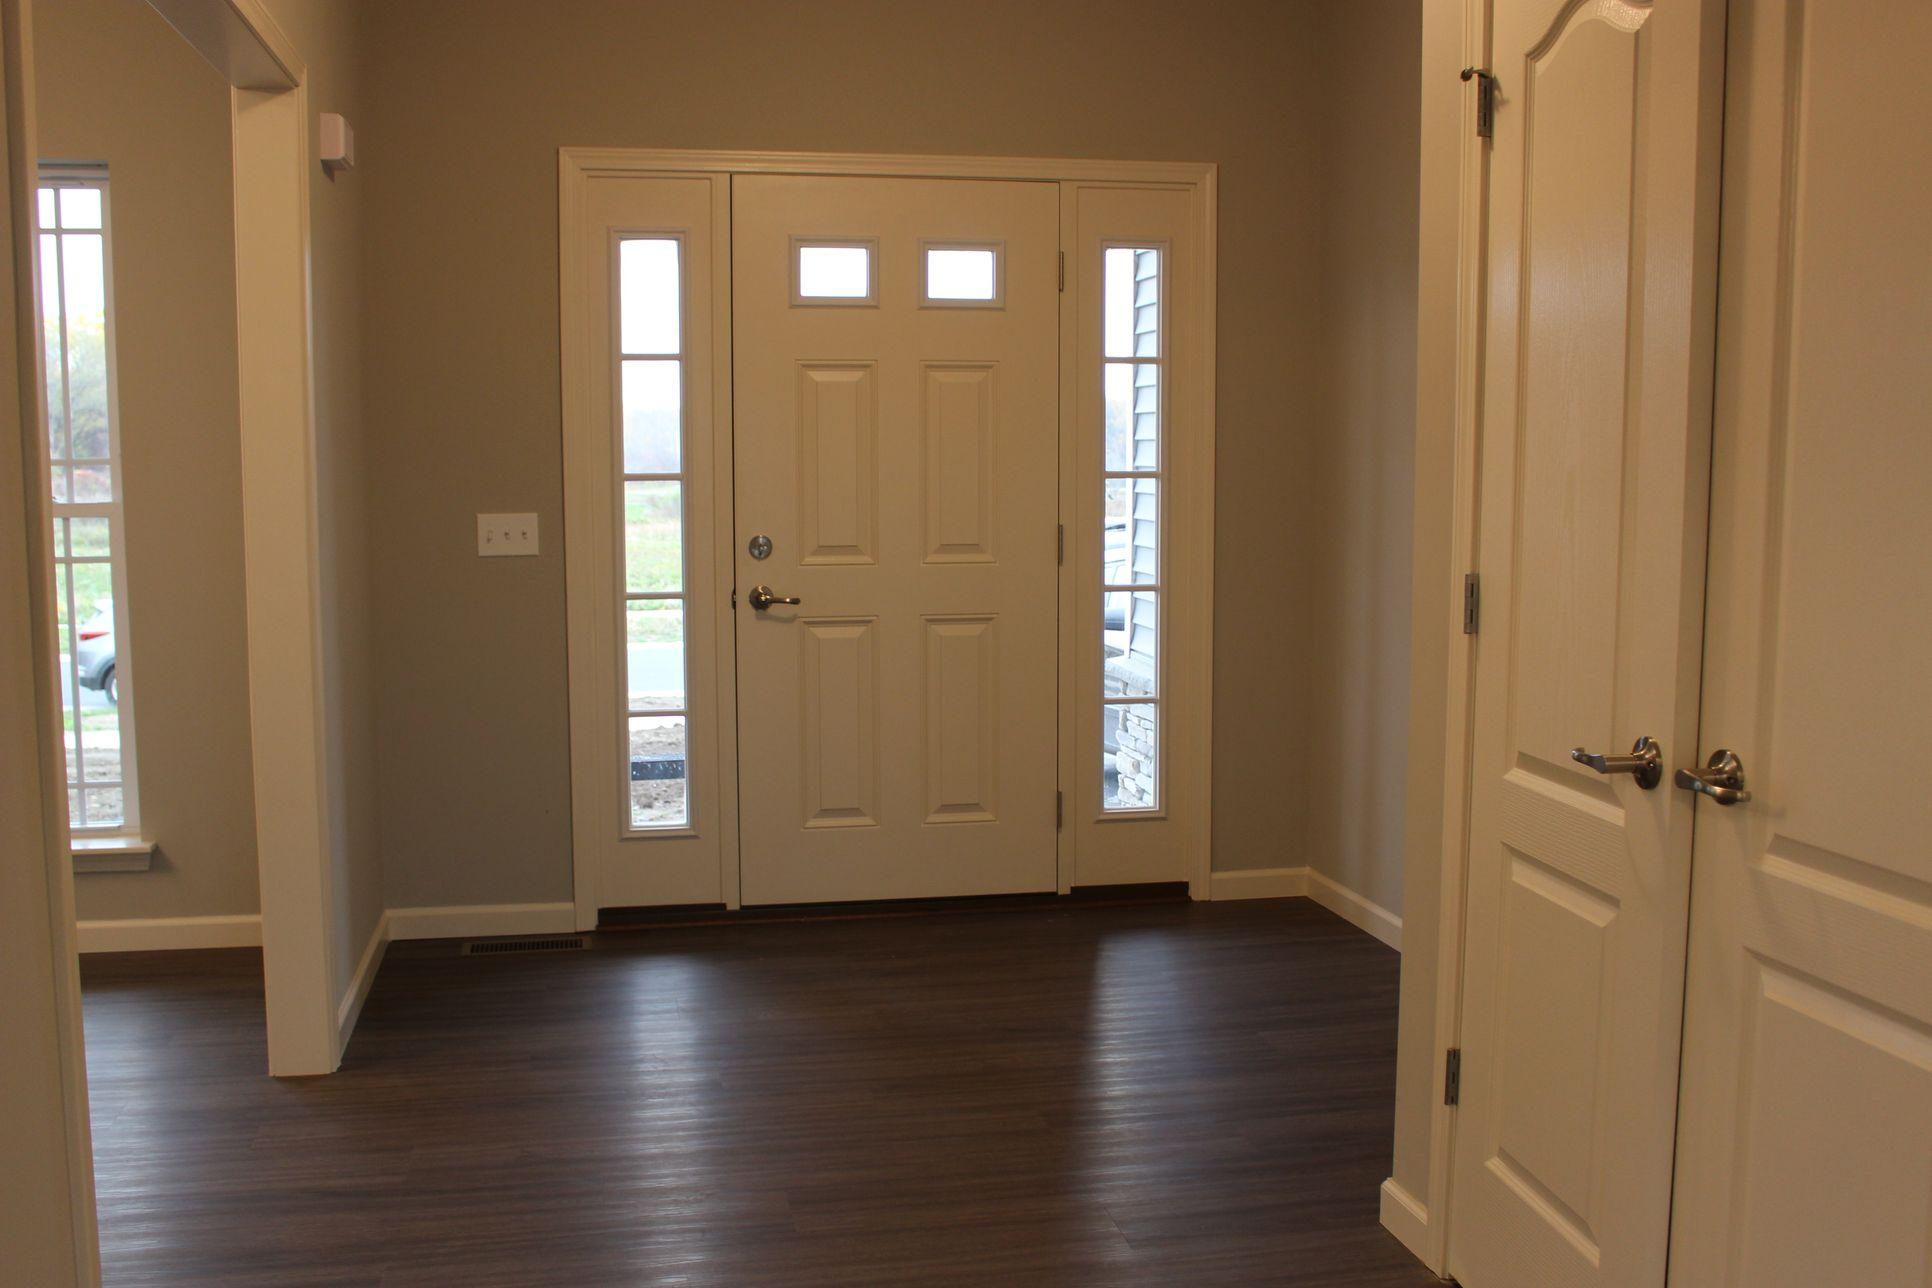 Pinnacle Foyer:Pinnacle Foyer